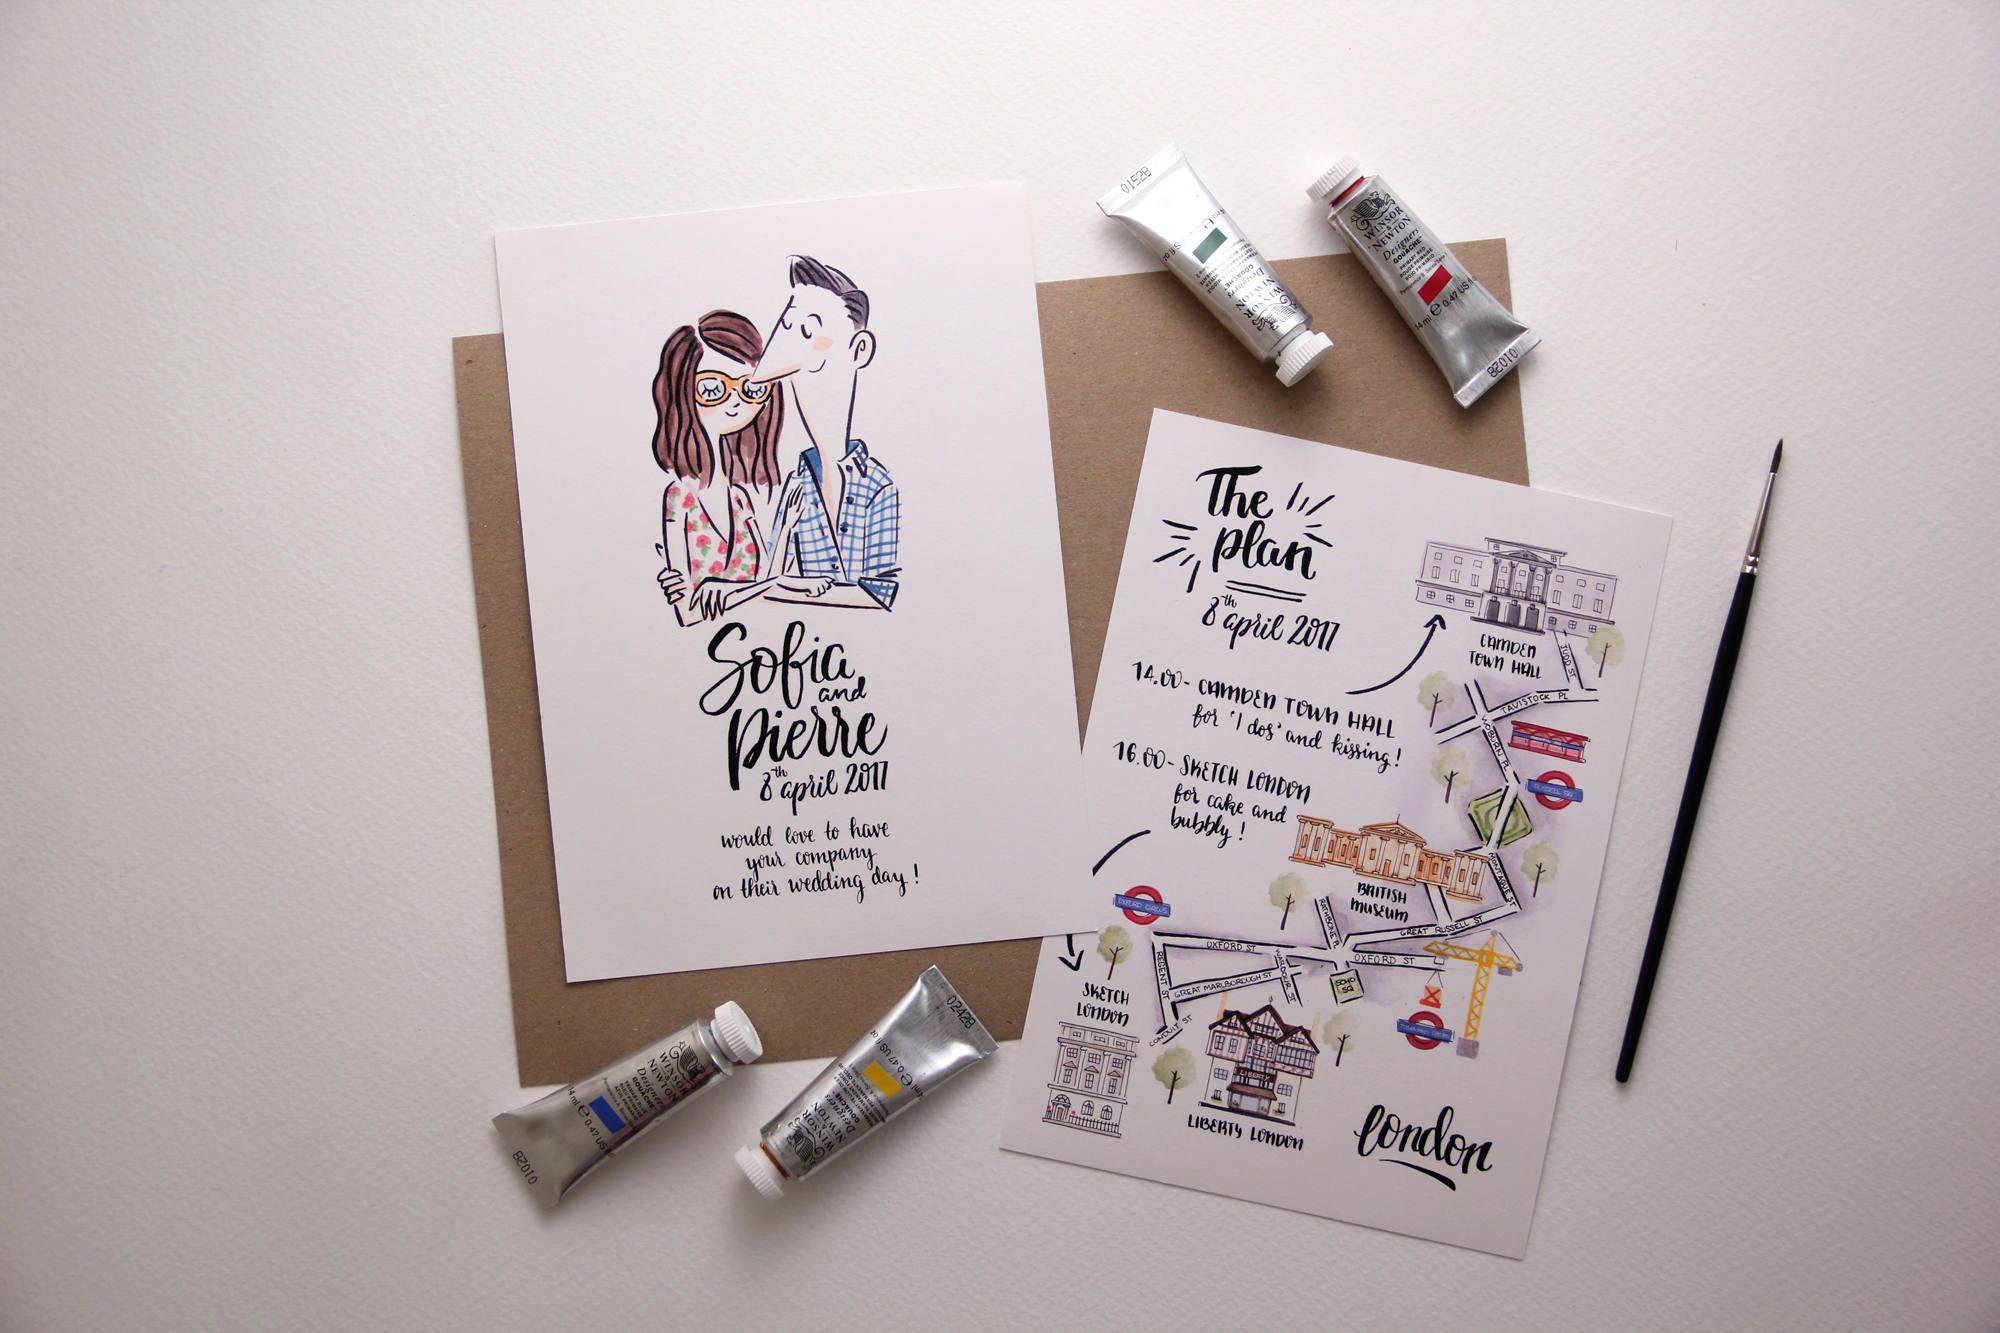 75 Fun Unique Wedding Invitations For Cool Couples Emmaline Bride Unique Wedding Invitations Fun Wedding Invitations Funny Wedding Invitations